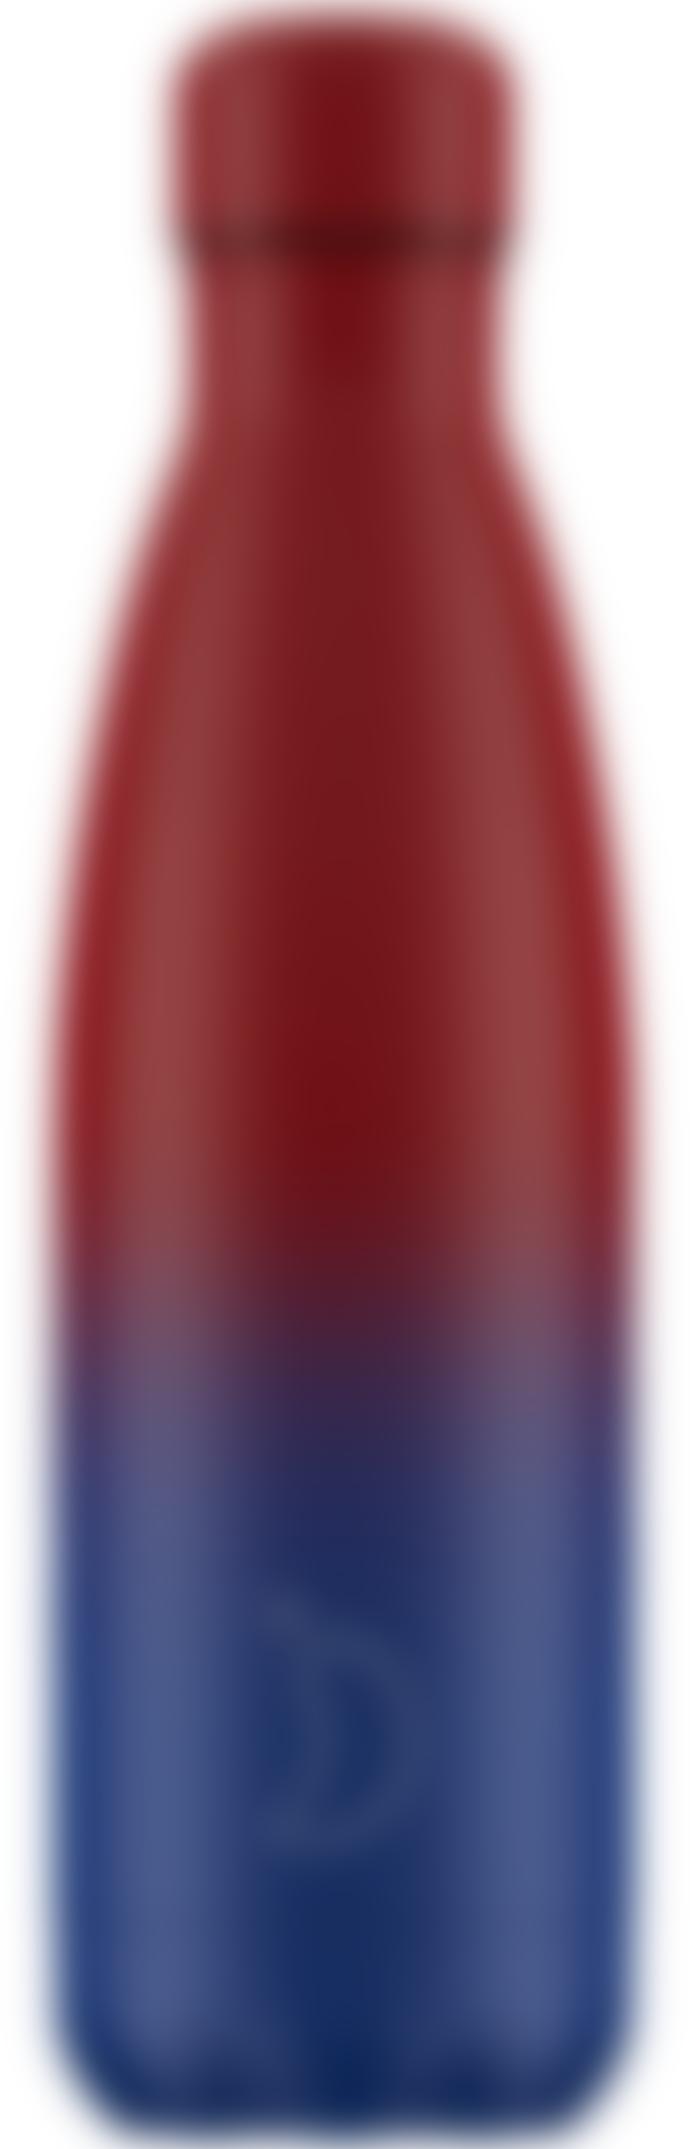 Chilly's Bottles 0.5 l Gradient Matte Clima Bottle